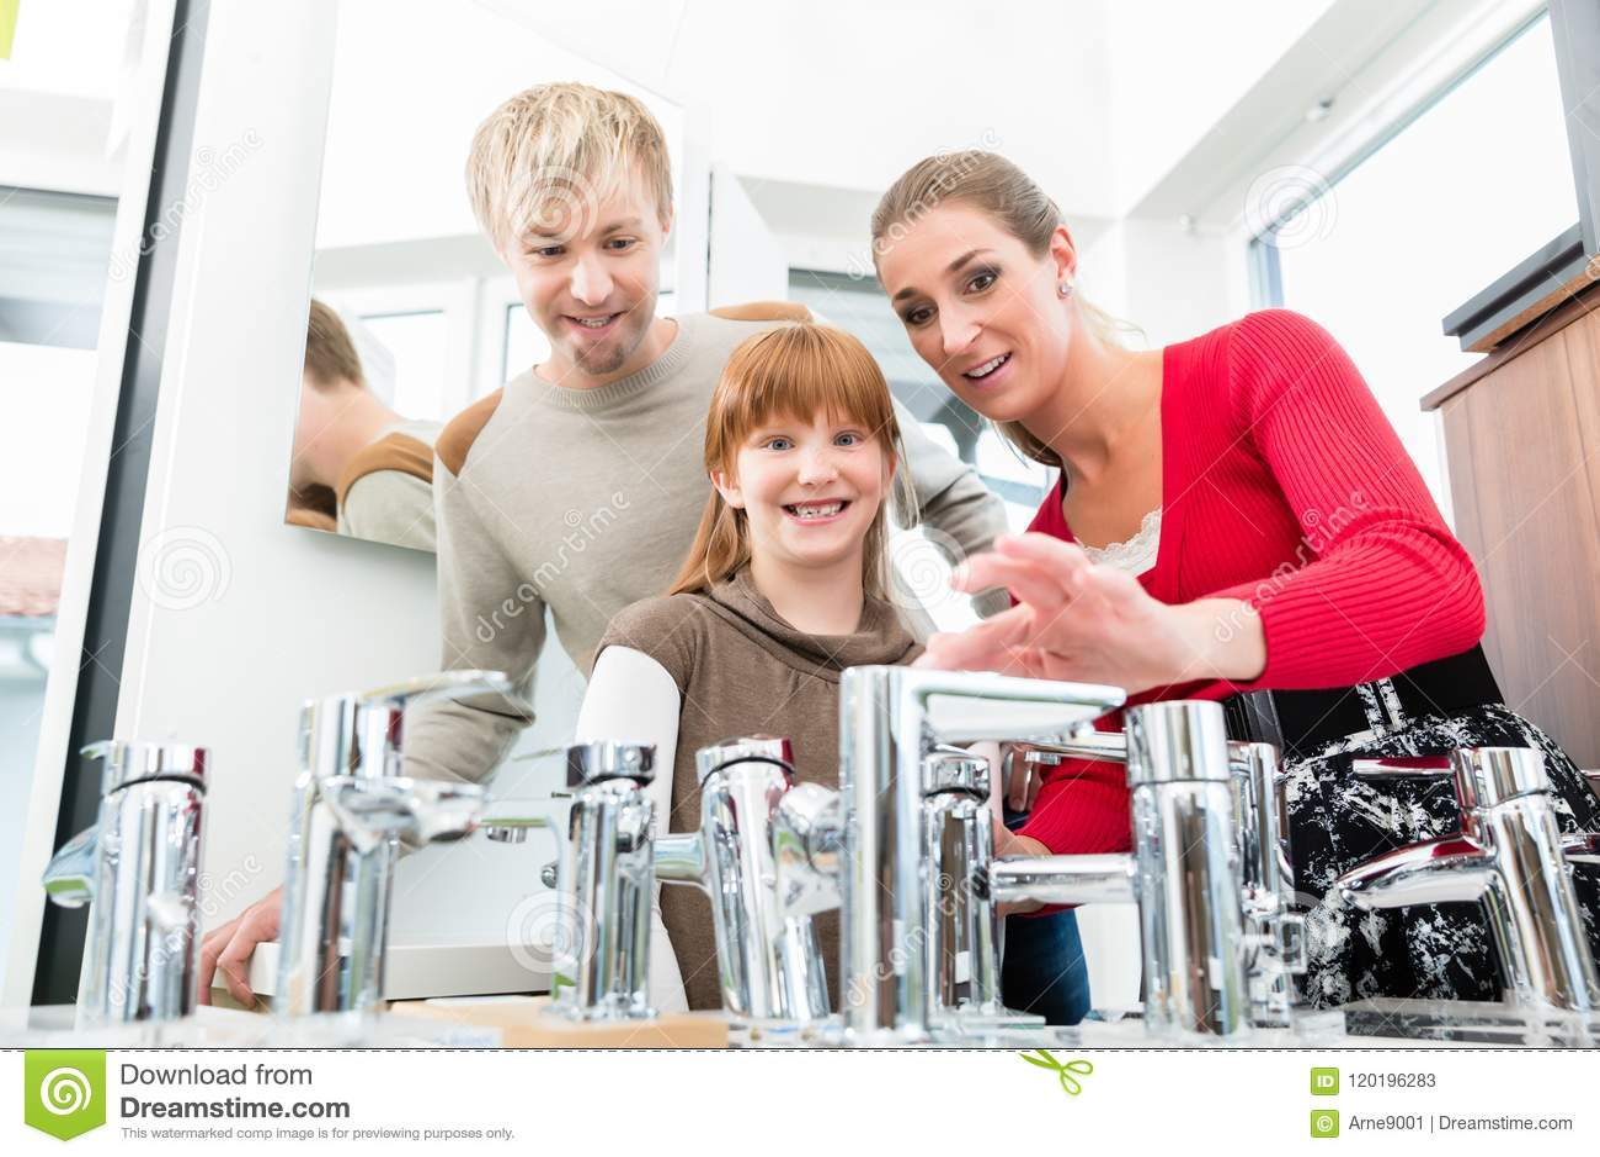 Retrato de una familia feliz que busca un nuevo grifo del fregadero del cuarto de baño